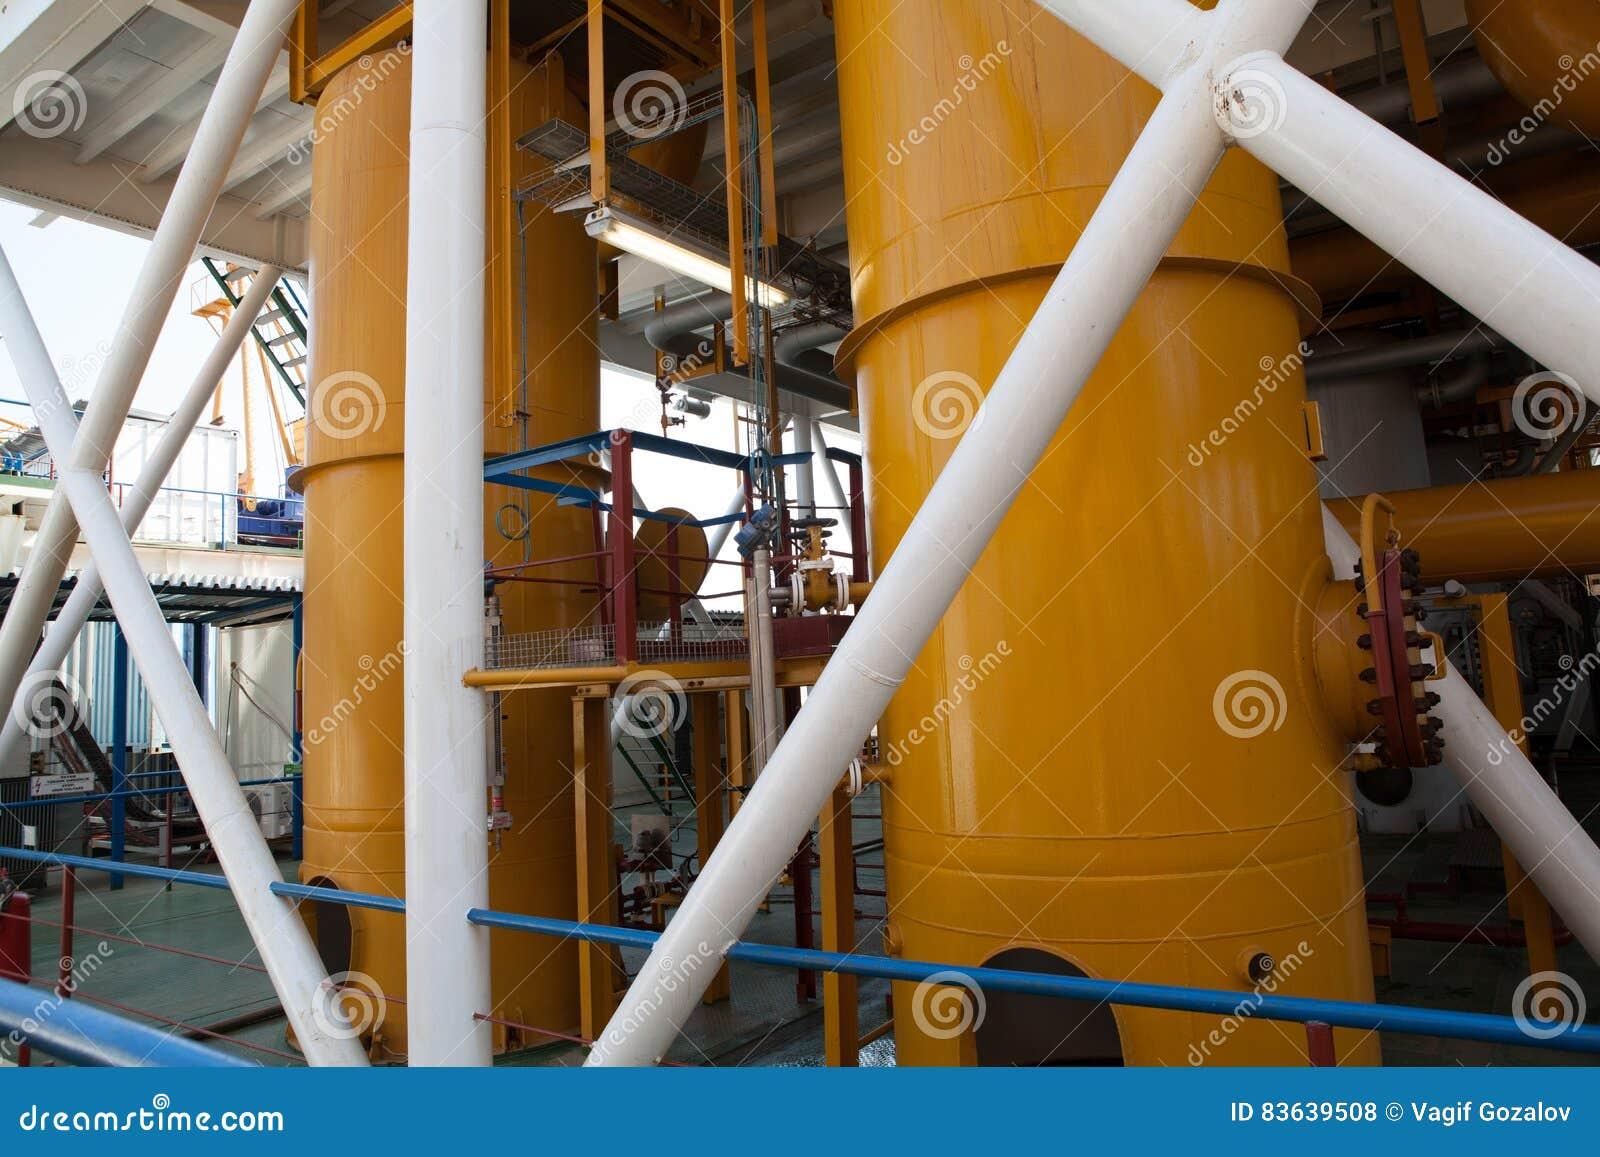 Rörledning- och trycköverföringssystem för olje- plattform